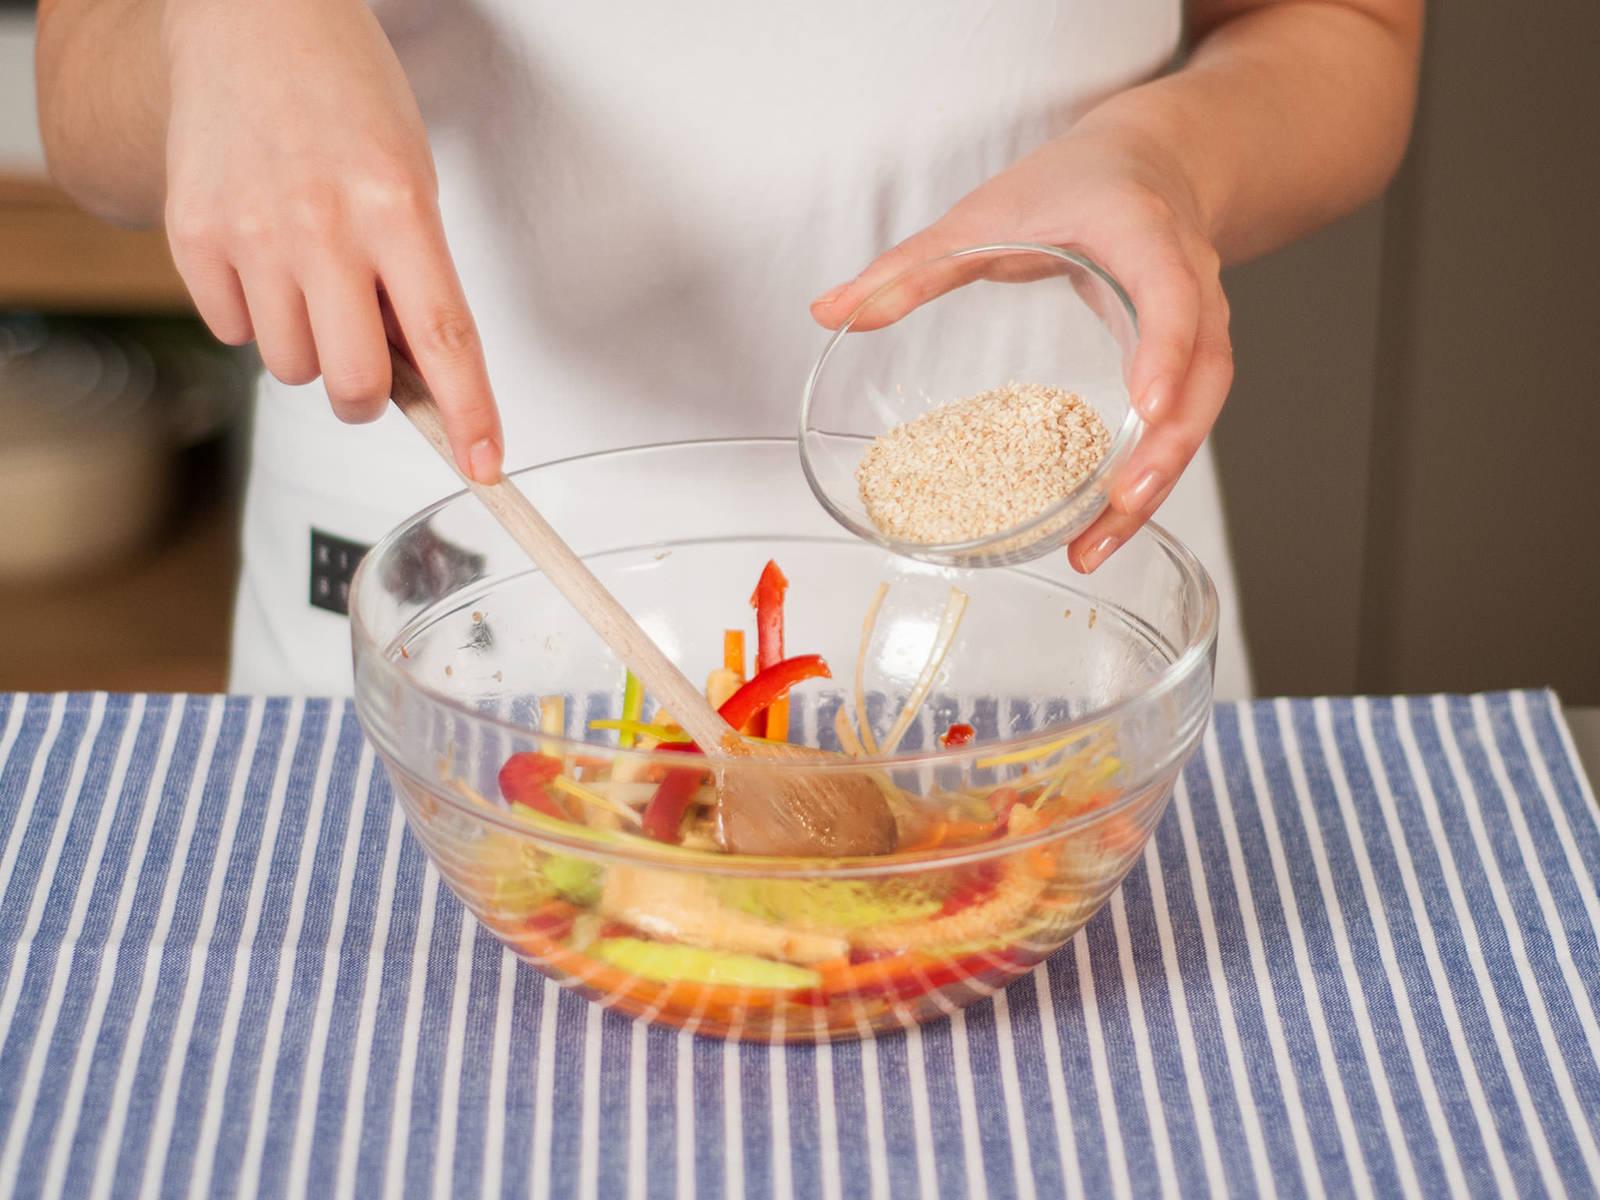 加入烘熟的芝麻,搅拌均匀。